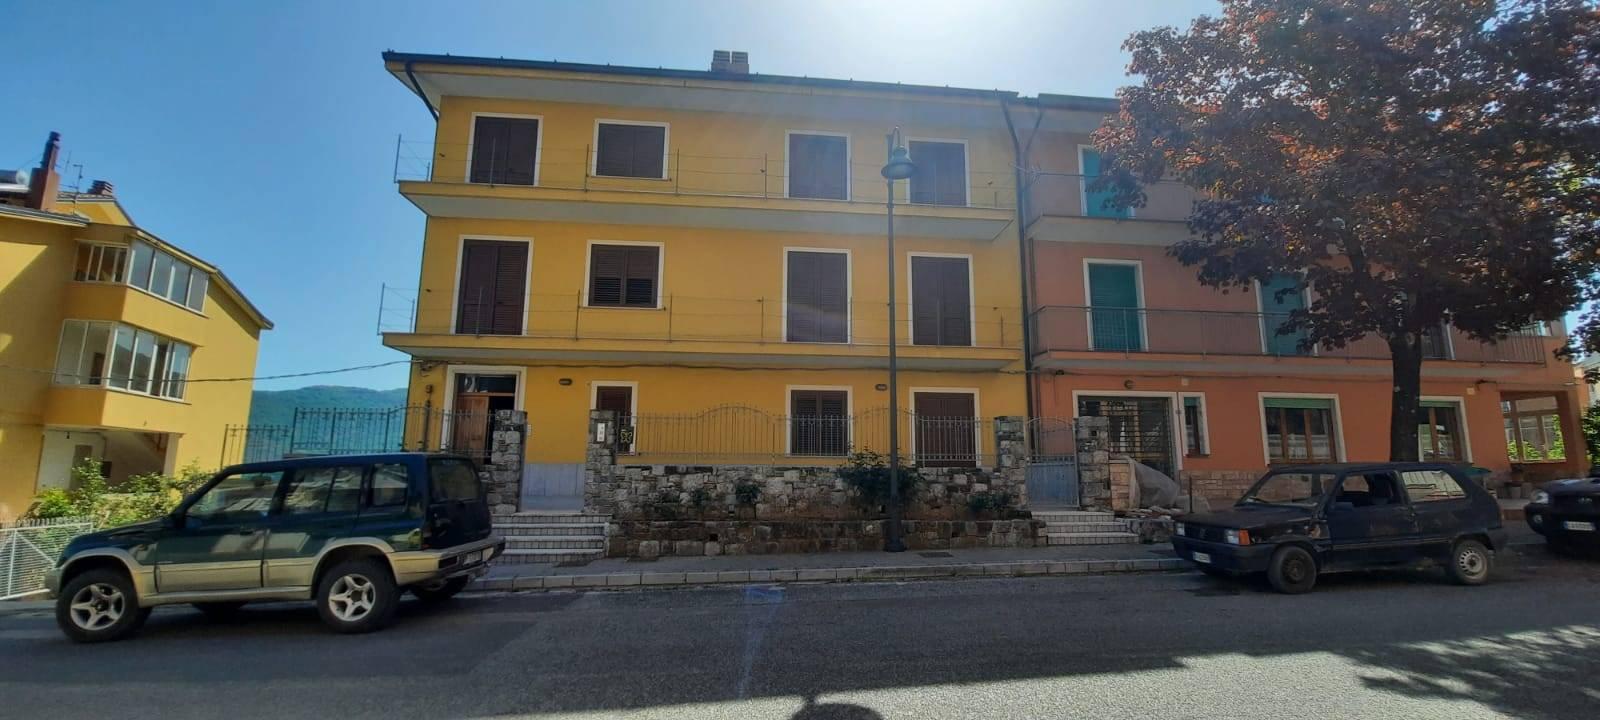 Attico / Mansarda in vendita a Caselle in Pittari, 5 locali, prezzo € 95.000   PortaleAgenzieImmobiliari.it